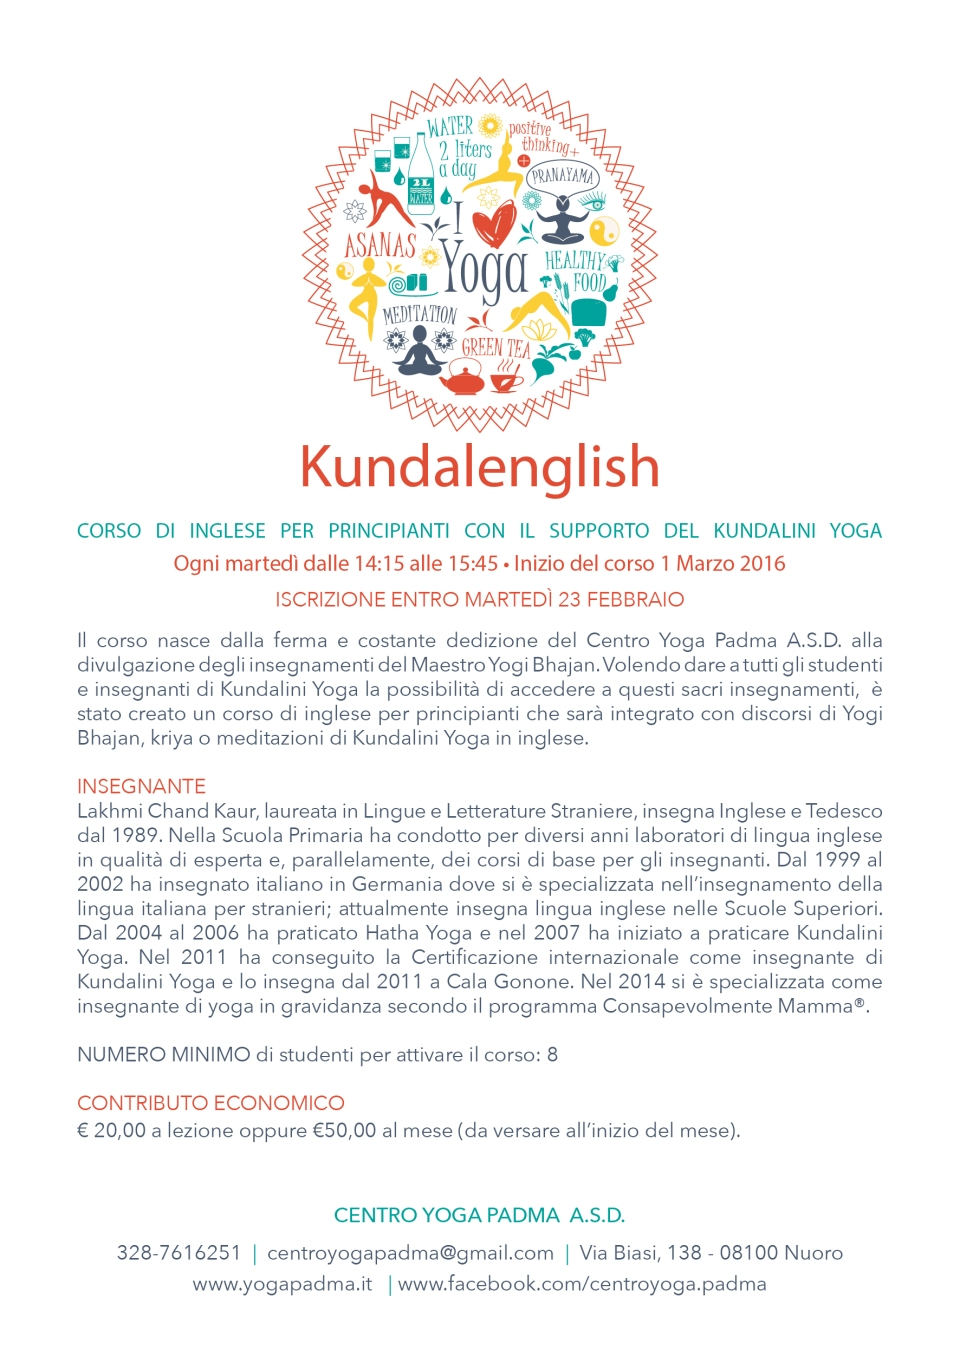 kundalenglish_A5_print